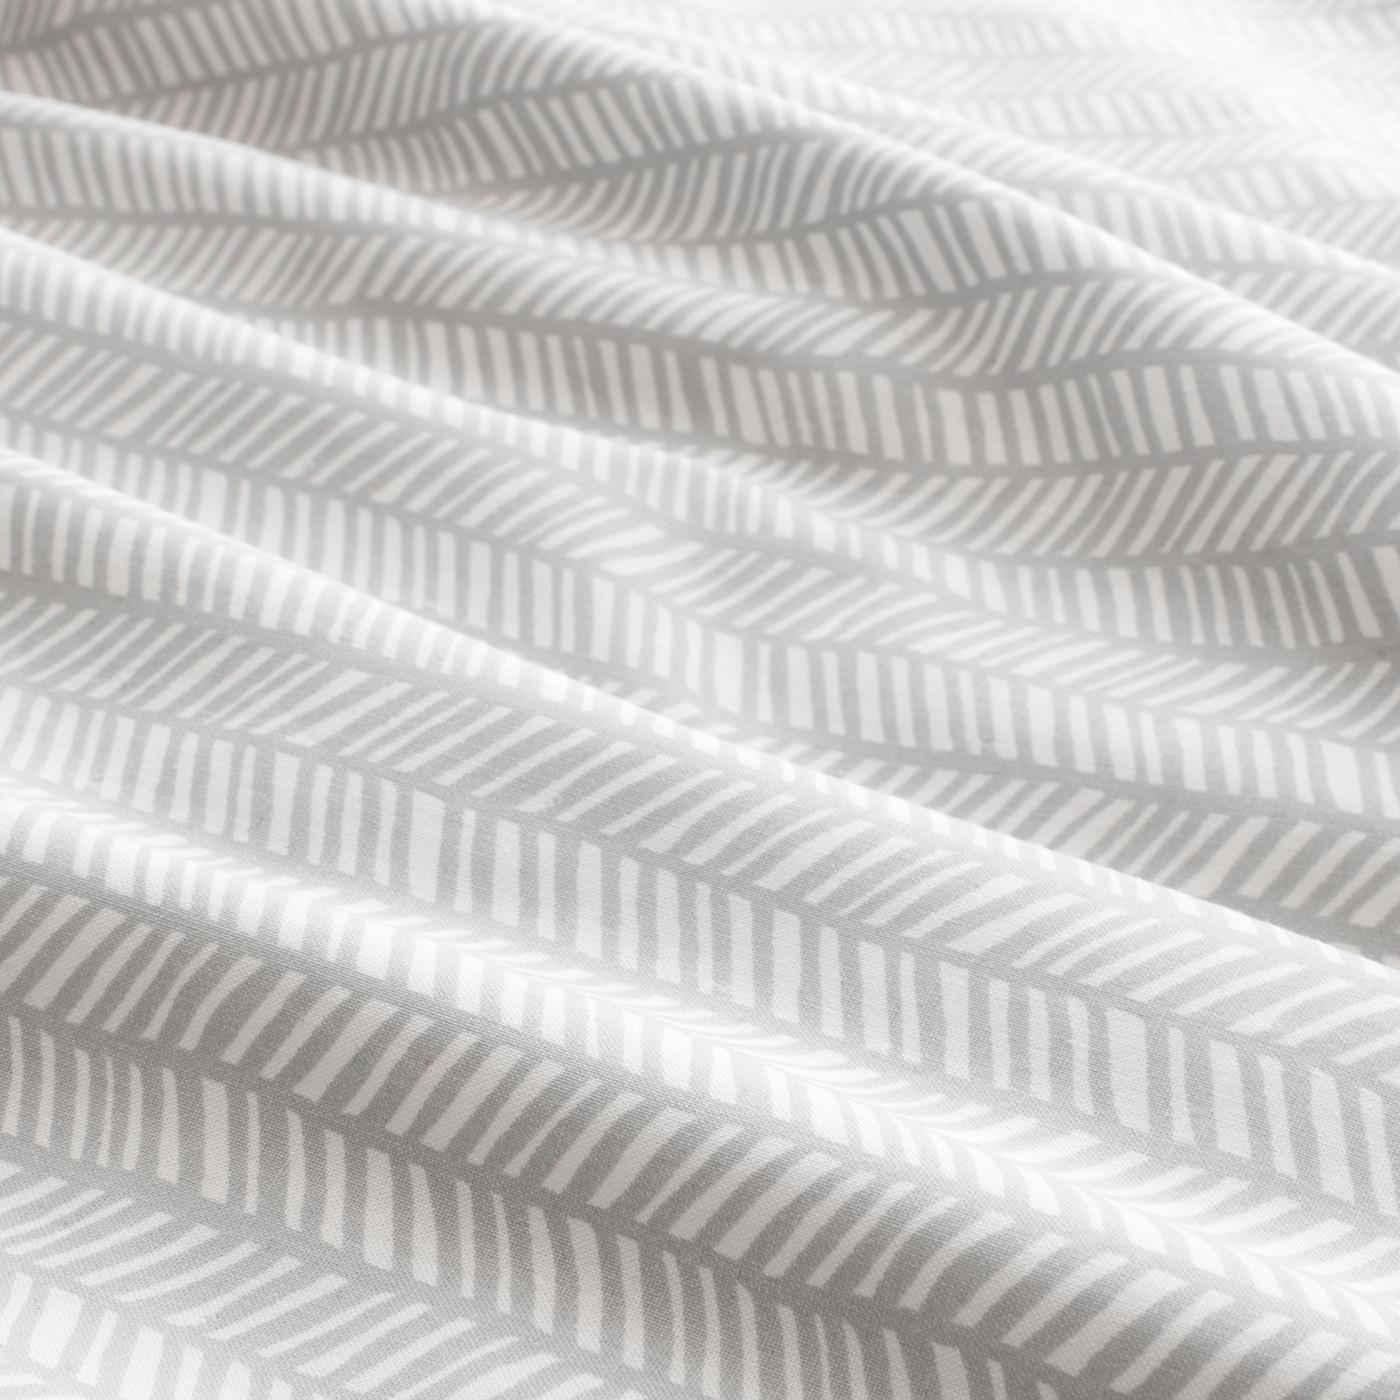 KLÄMMIG 3-piece bedlinen set for cot grey 60 cm 120 cm 125 cm 110 cm 55 cm 35 cm 60 cm 120 cm